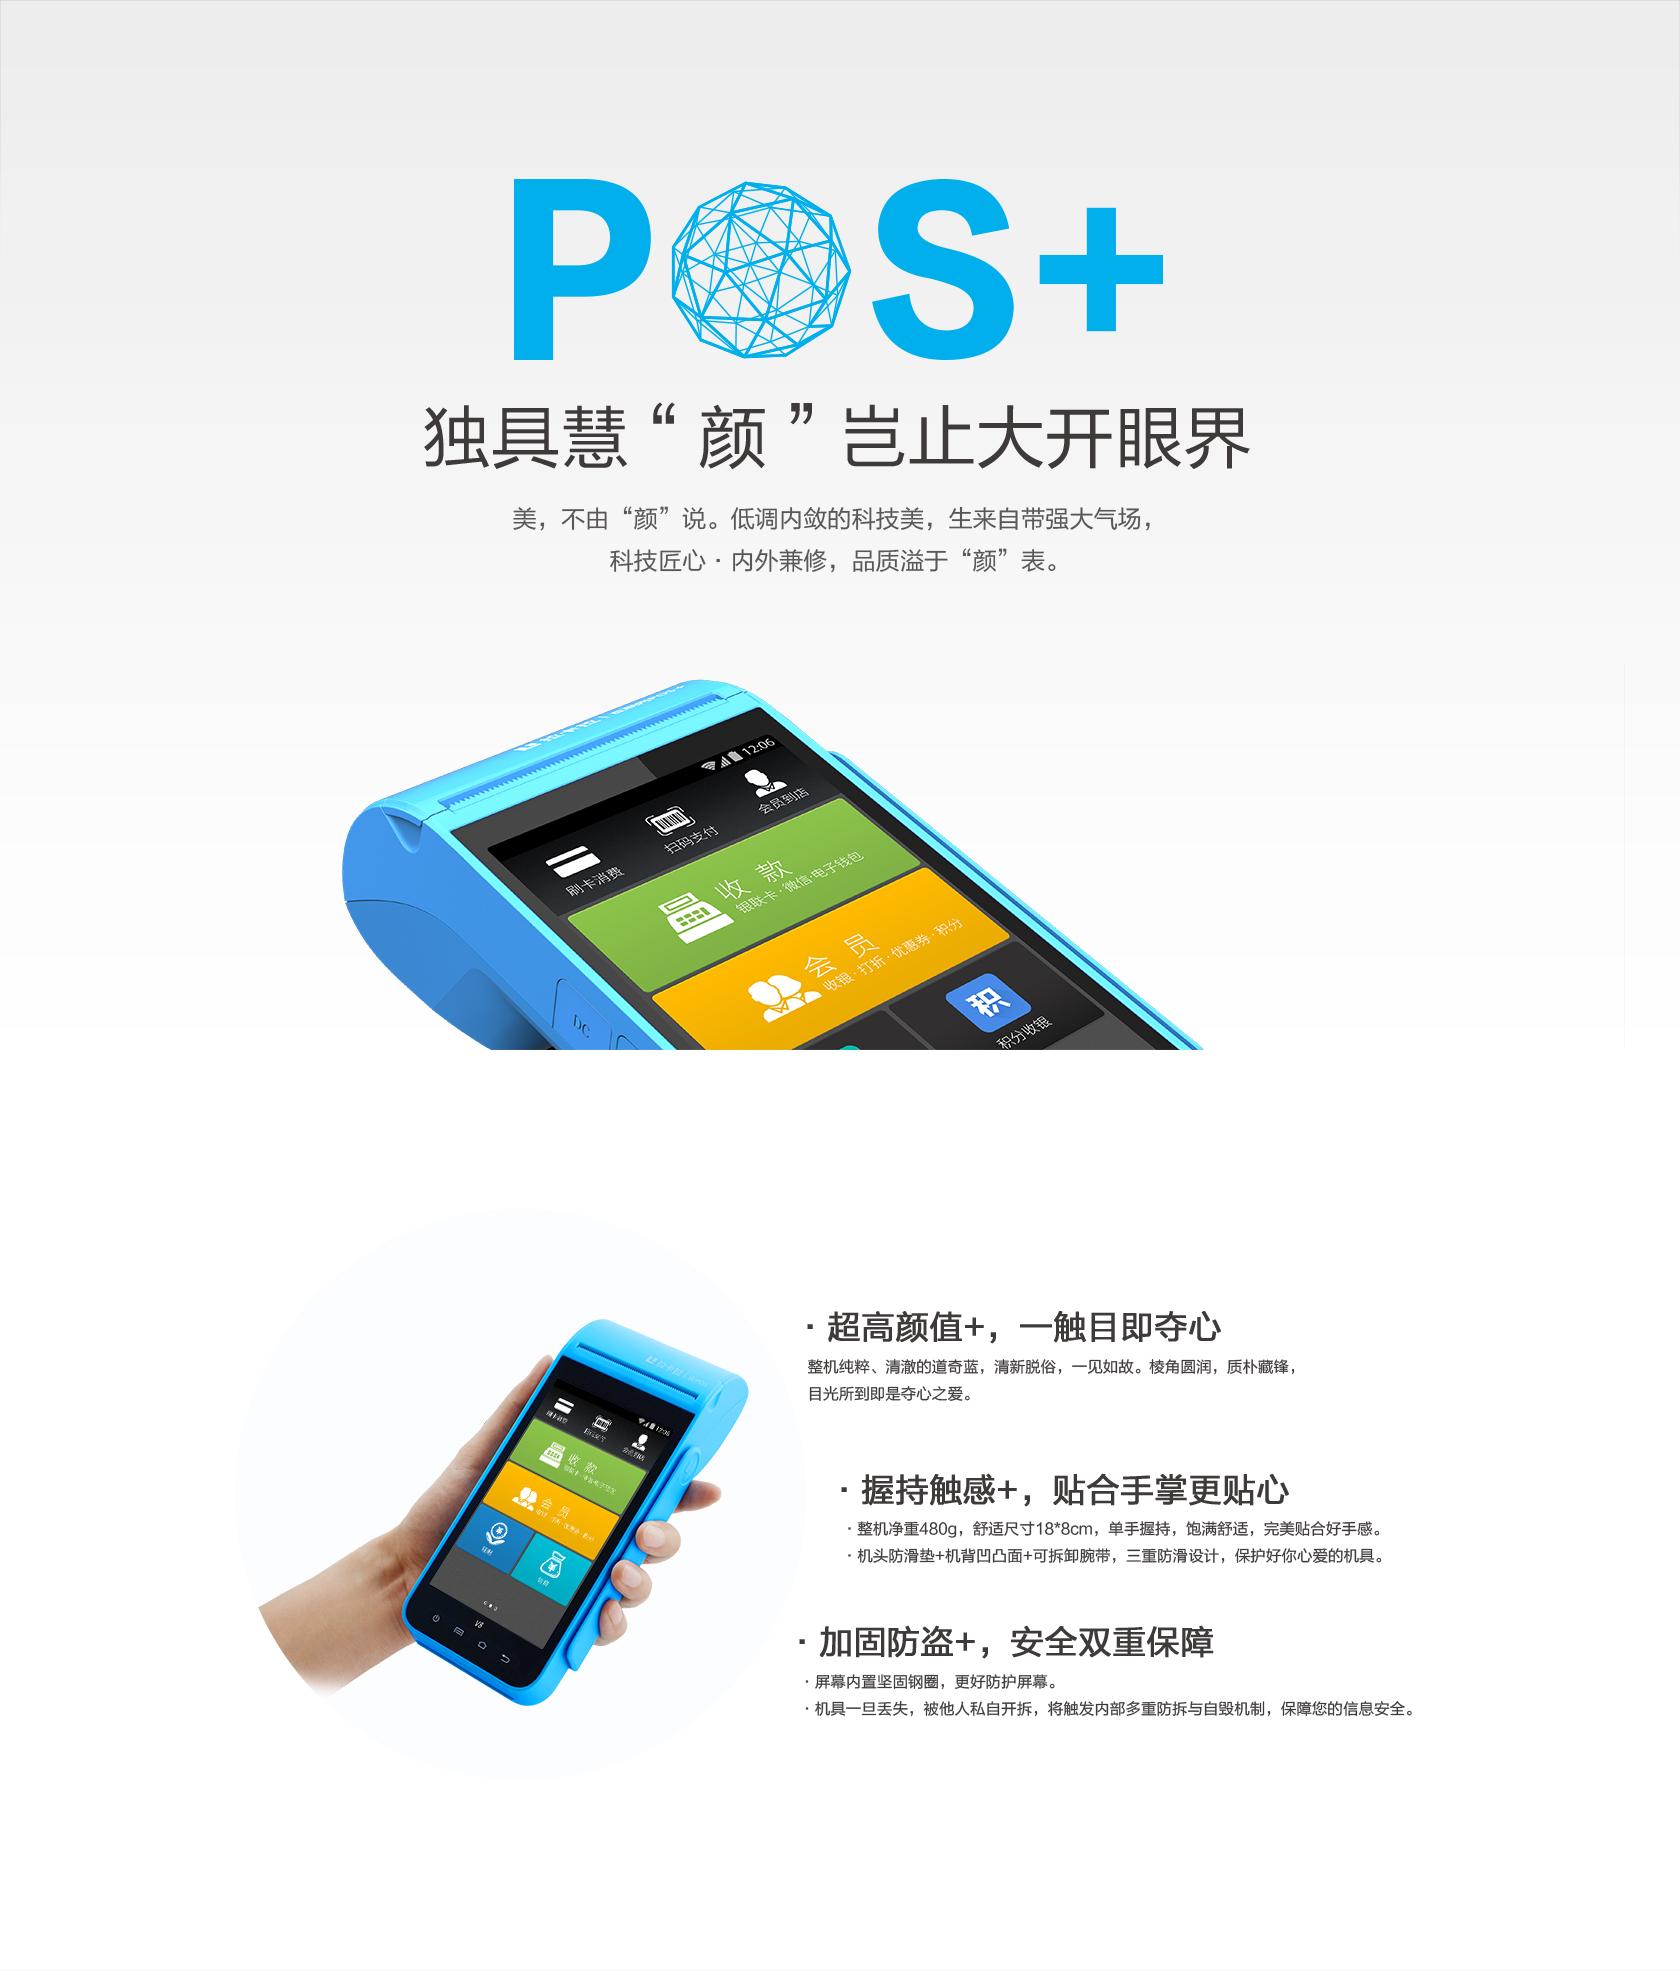 拉卡拉智能POS-拉卡拉电签版扫码POS机